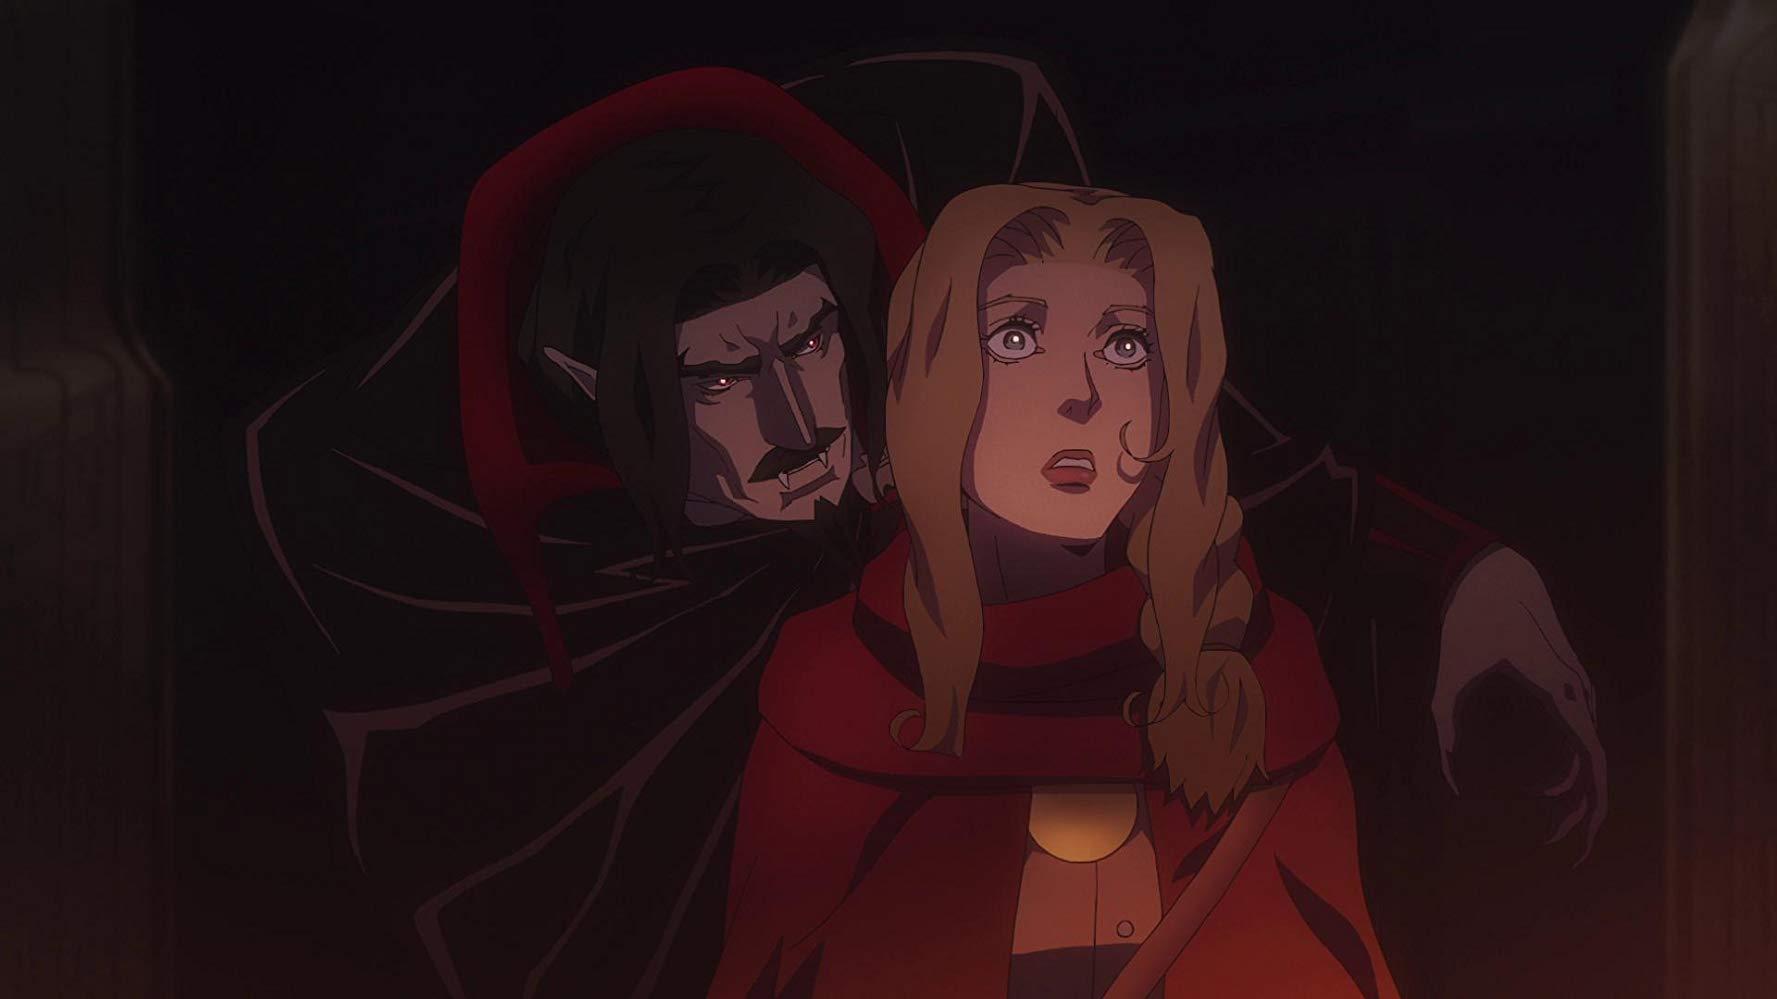 """La historia está exclusivamente inspirada en la tercera parte de la serie de videojuegos """"Castlevania III: Dracula's Revenge""""."""